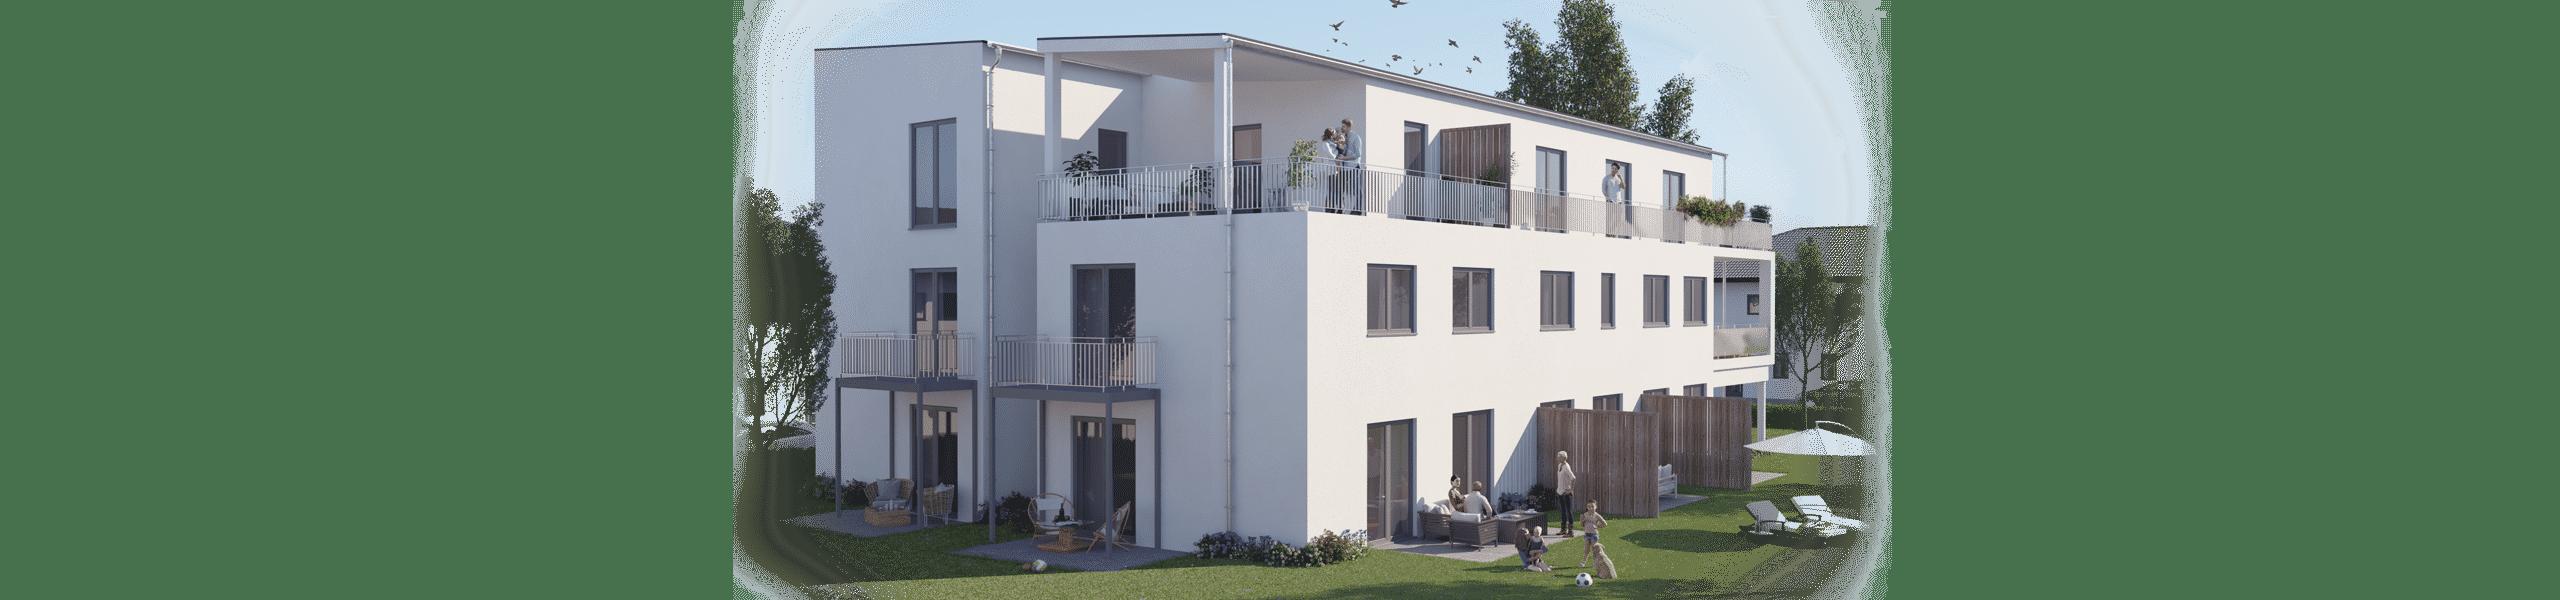 Neubau Muenster bei Dieburg